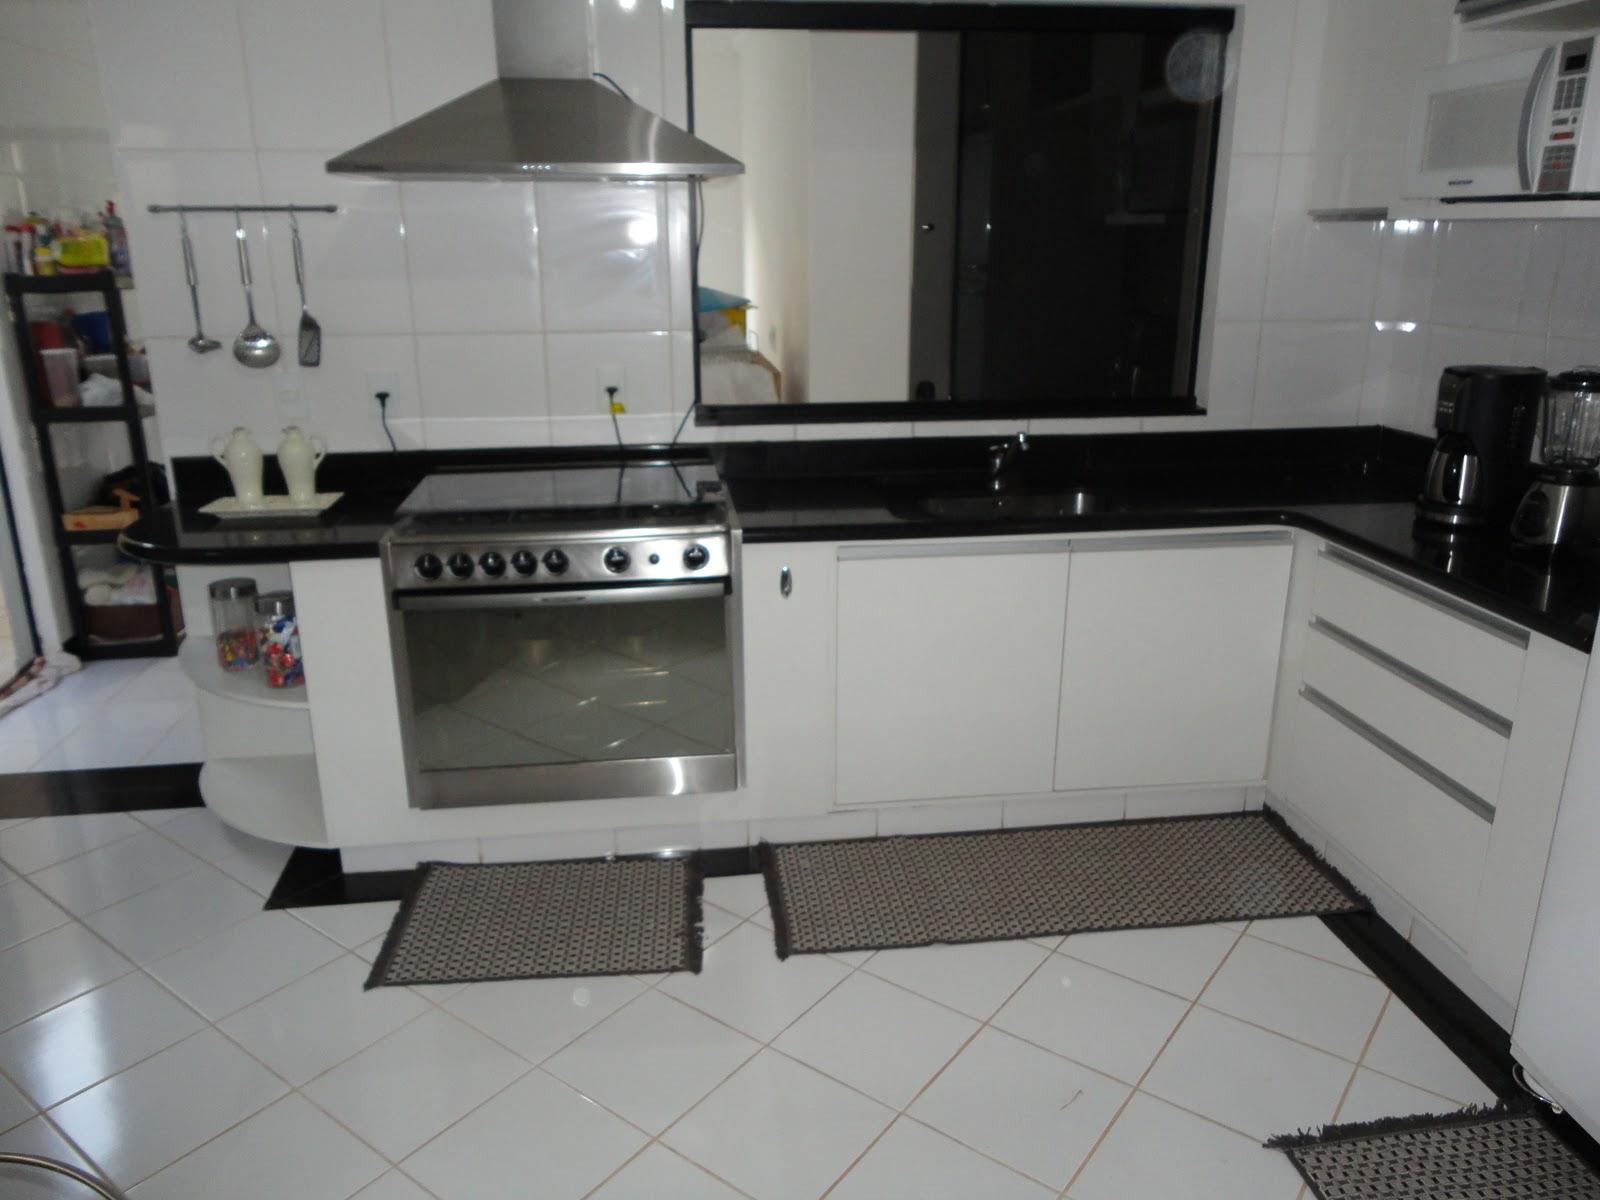 #595049 cozinha uma forte tendência é a utilização de portas de vidro e a  1600x1200 px Projetos De Cozinha Mdf #365 imagens